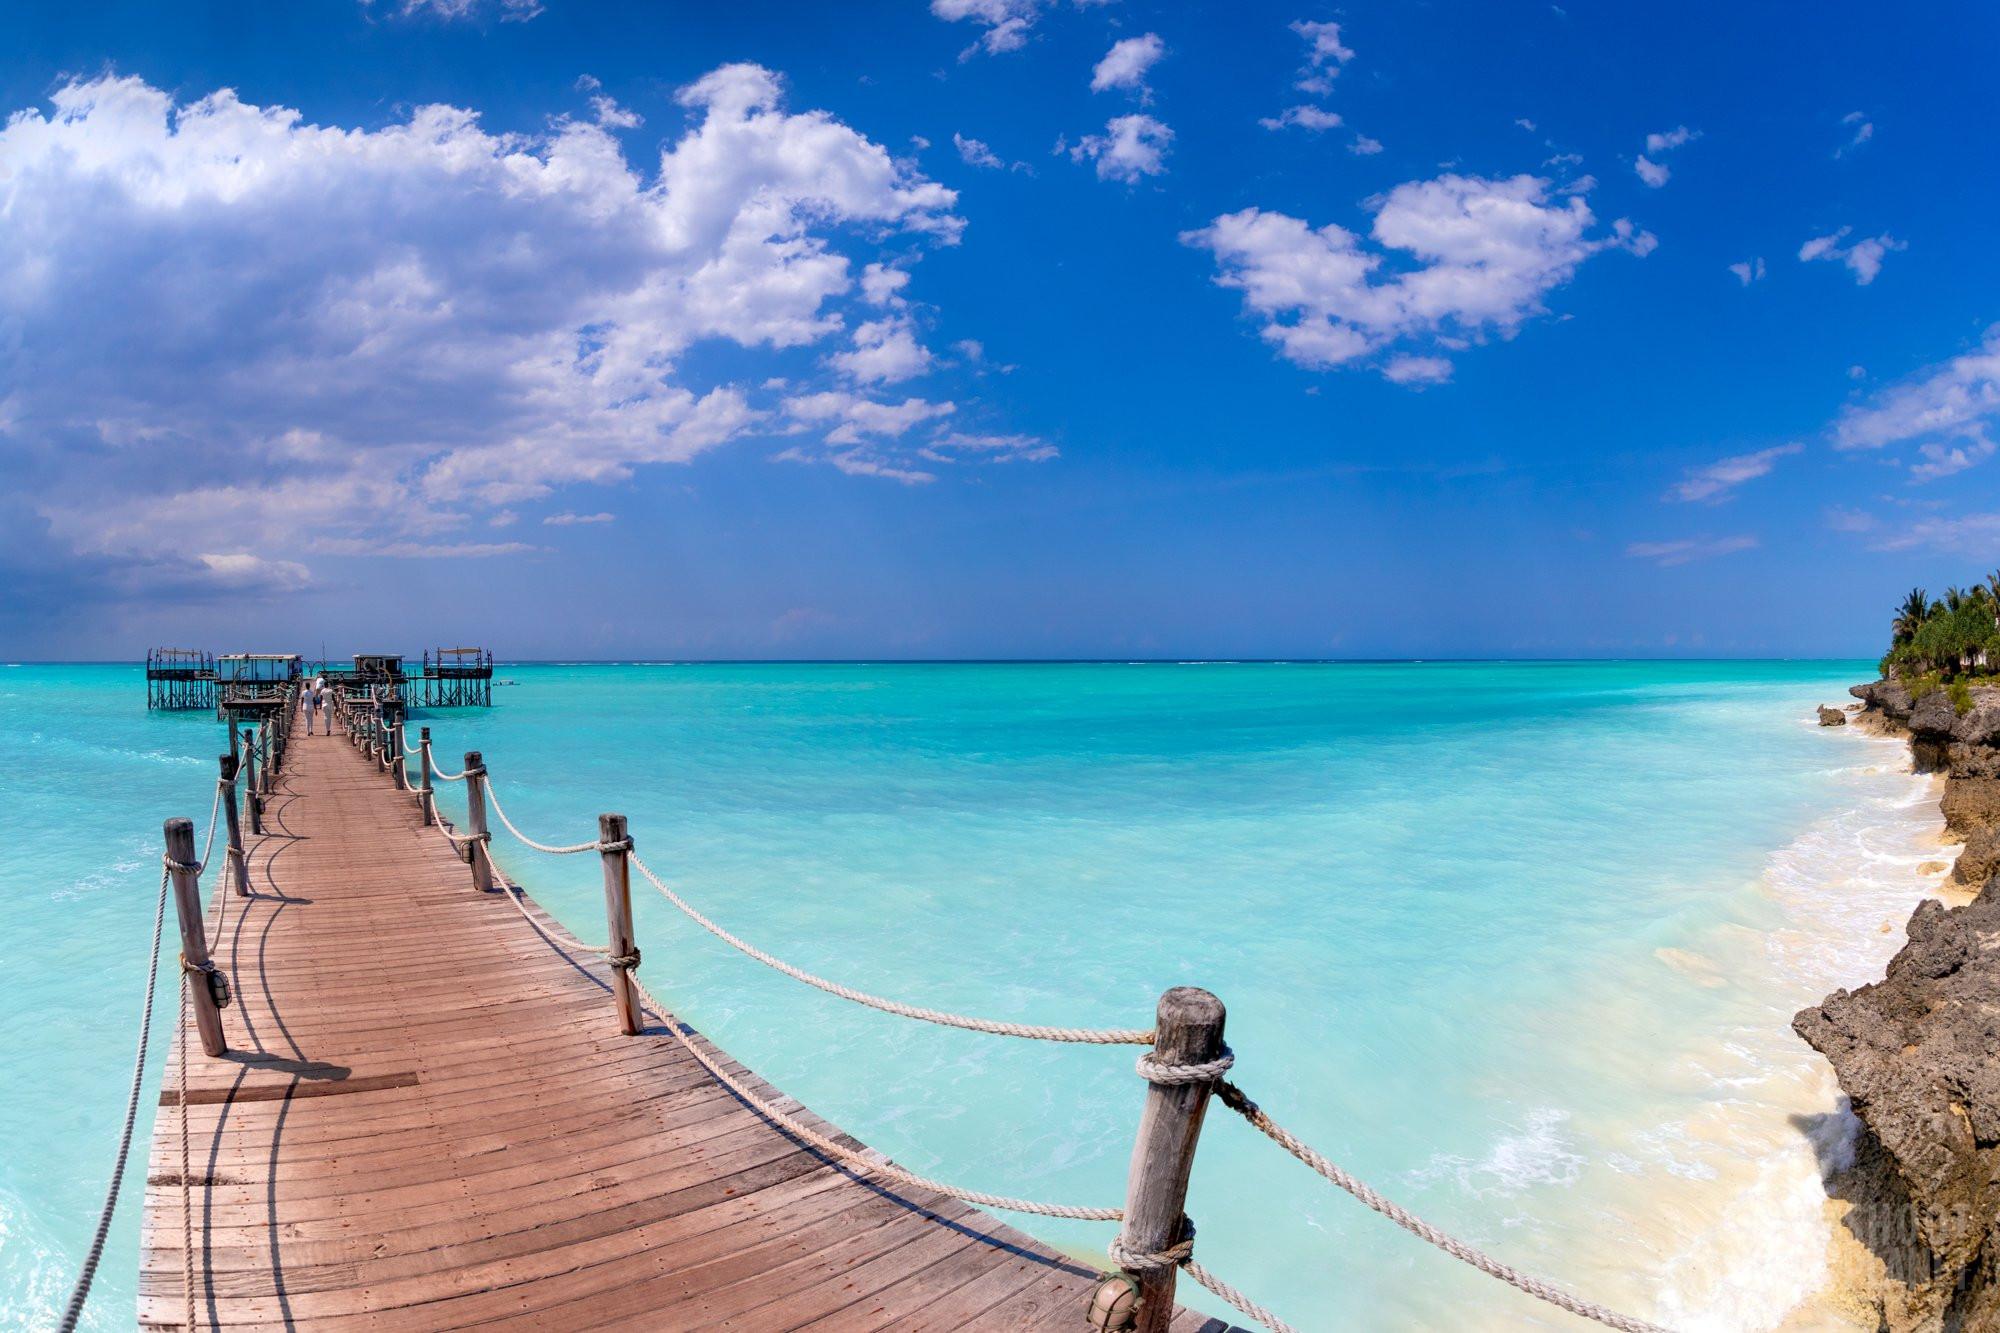 Nungwi coastline pier and beach, Zanzibar Tanzania